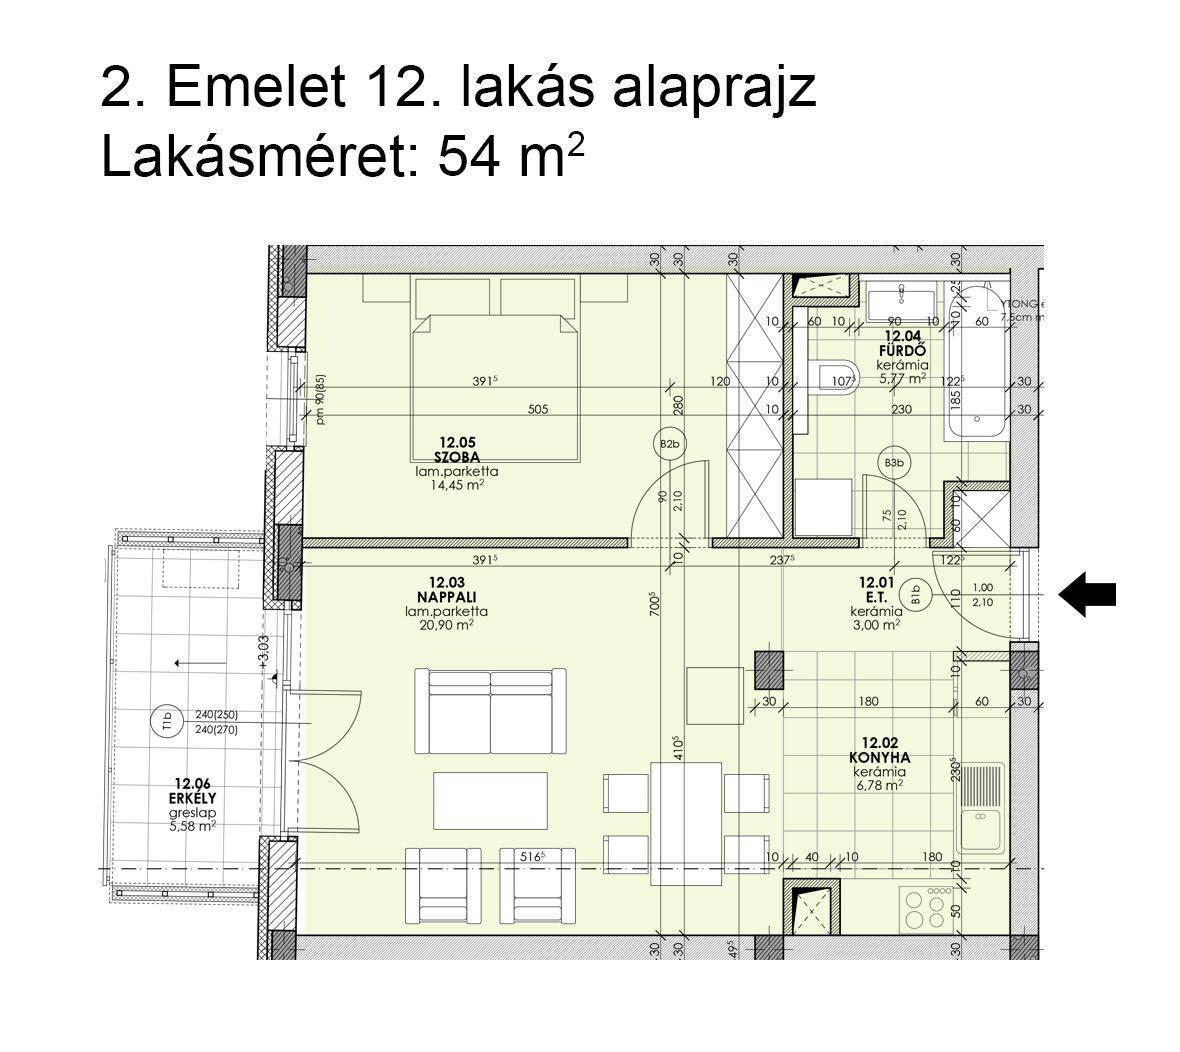 2_emelet-12